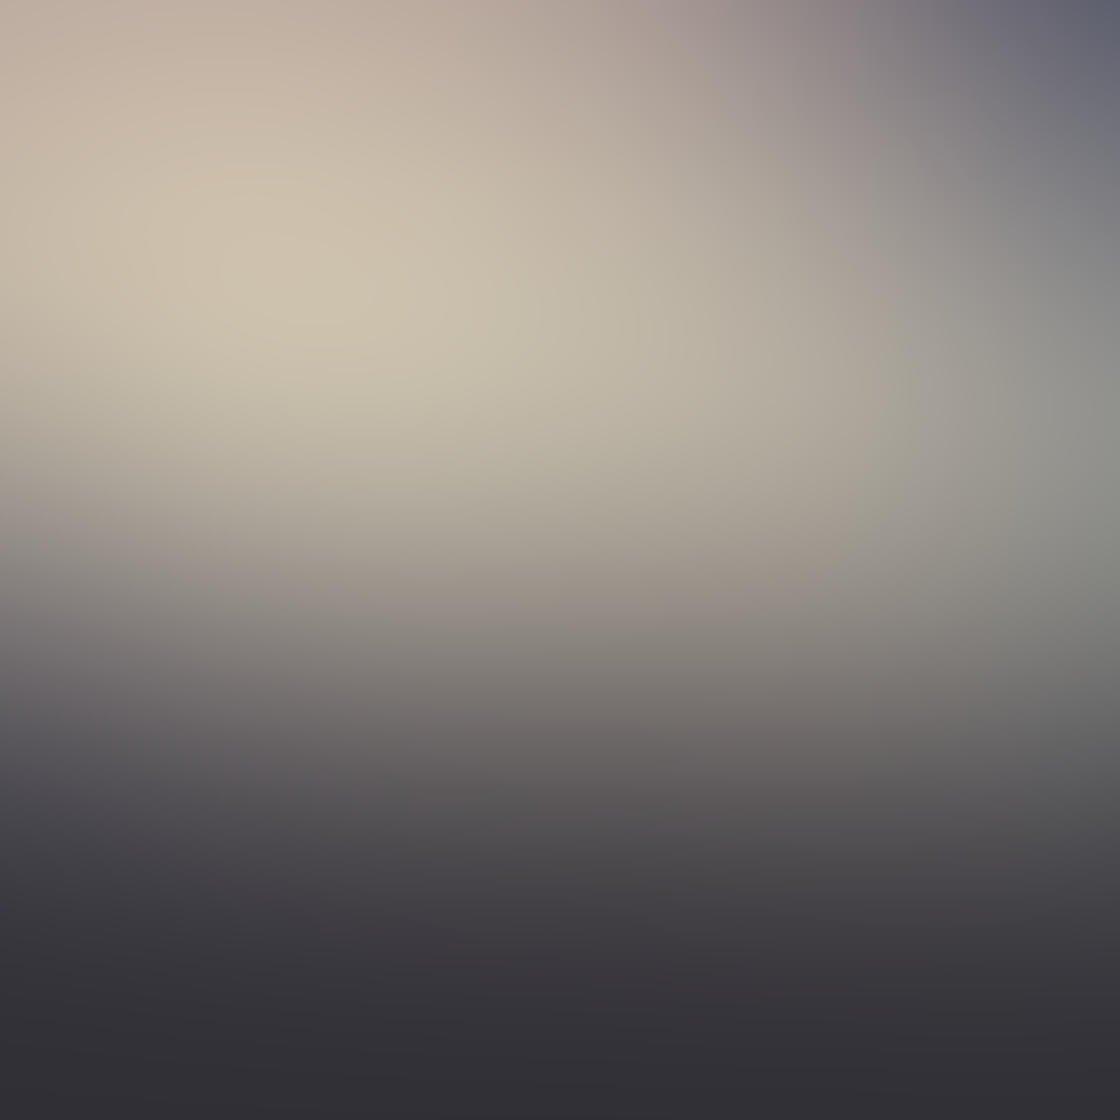 Fog & Mist iPhone Photos 41